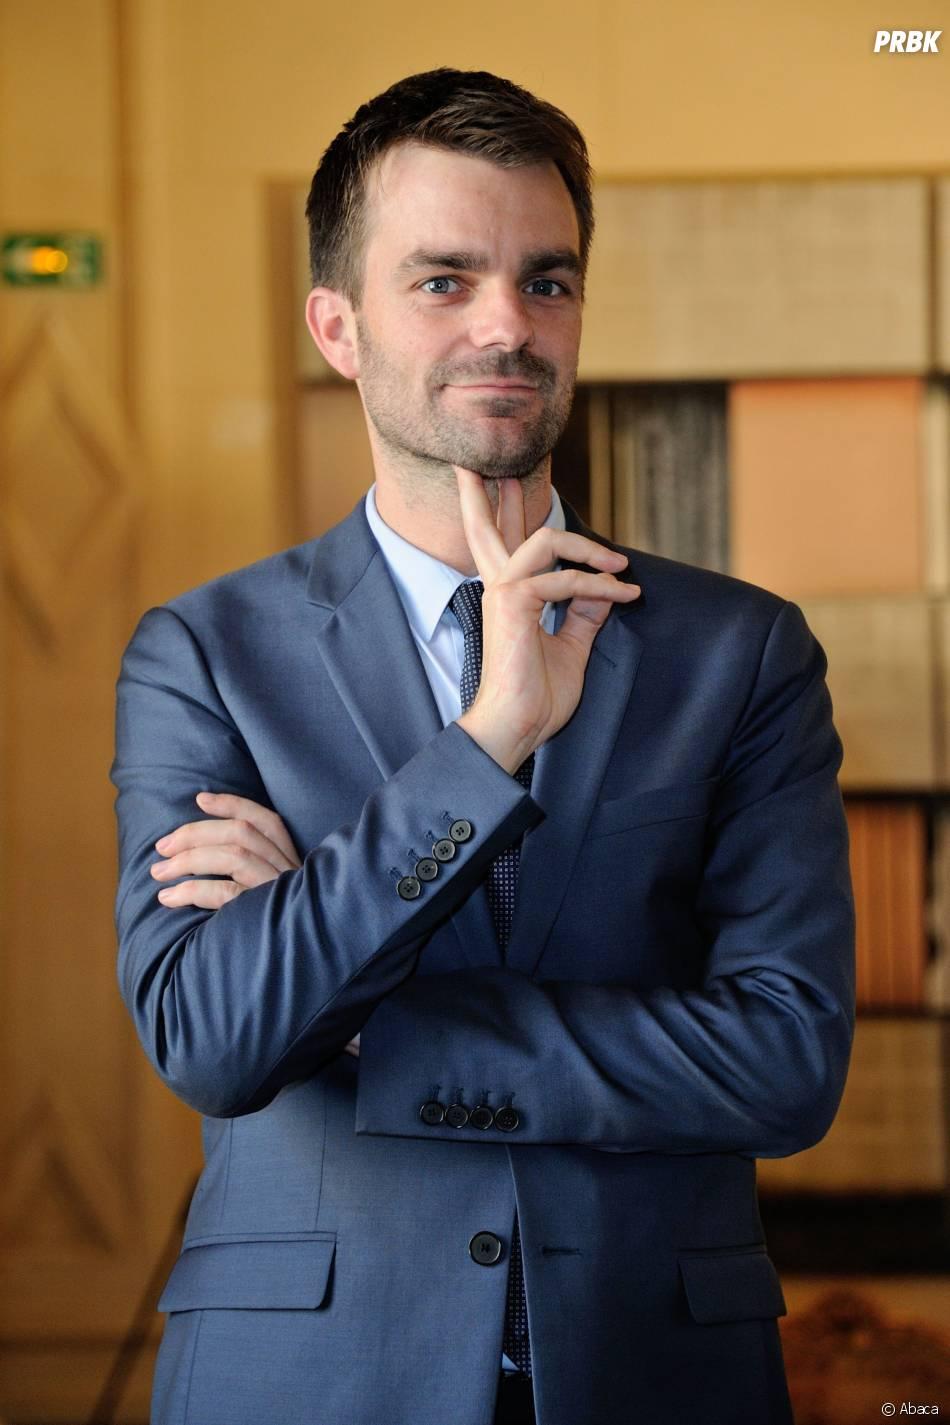 Les français les plus sexy selon Elle :égraphe) : Bruno Julliard (politicien)